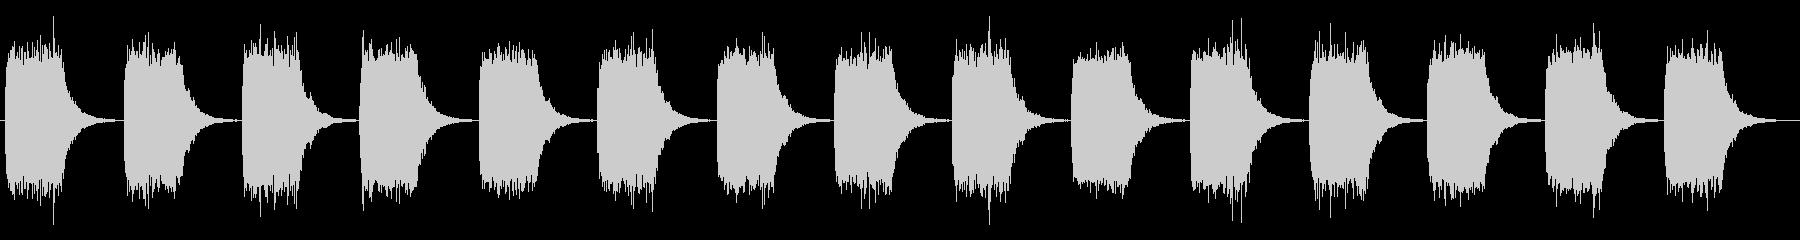 緊迫感のあるブザー音_警告音の未再生の波形